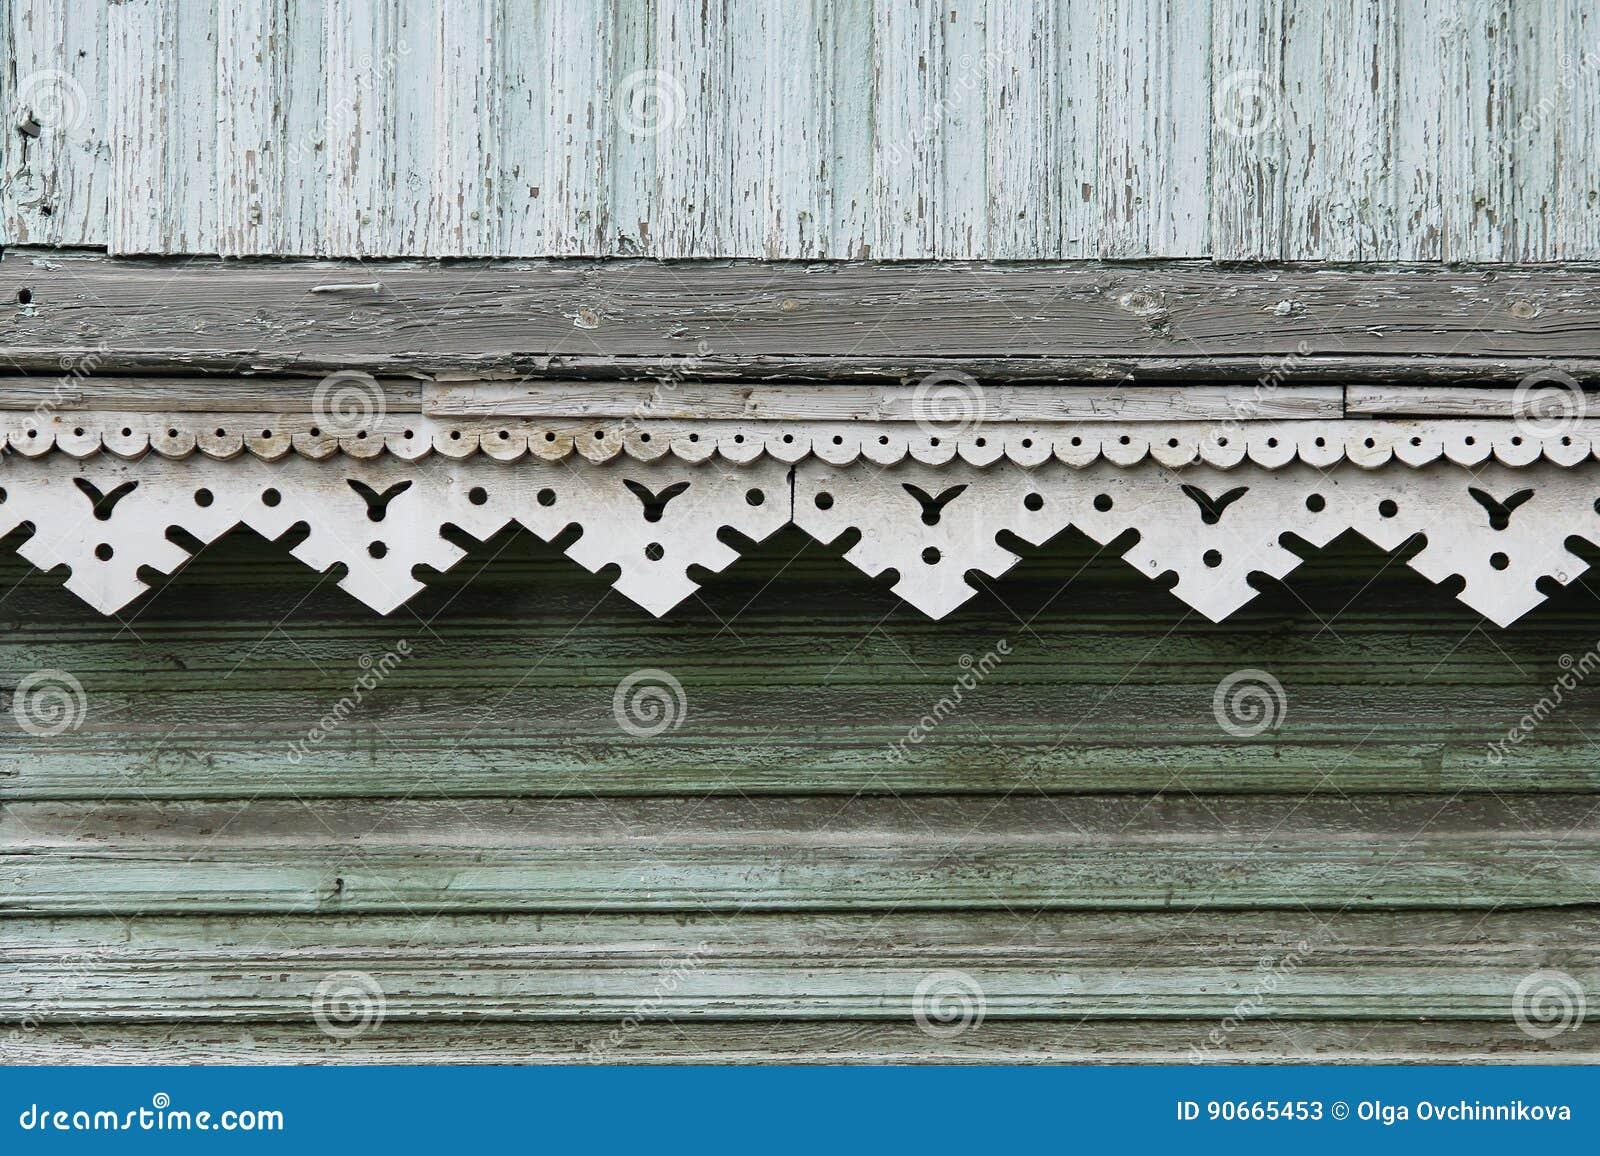 Ajuste artsy de la decoración y casa de madera vieja clásica modelos y color triangulares de la turquesa de la textura de madera